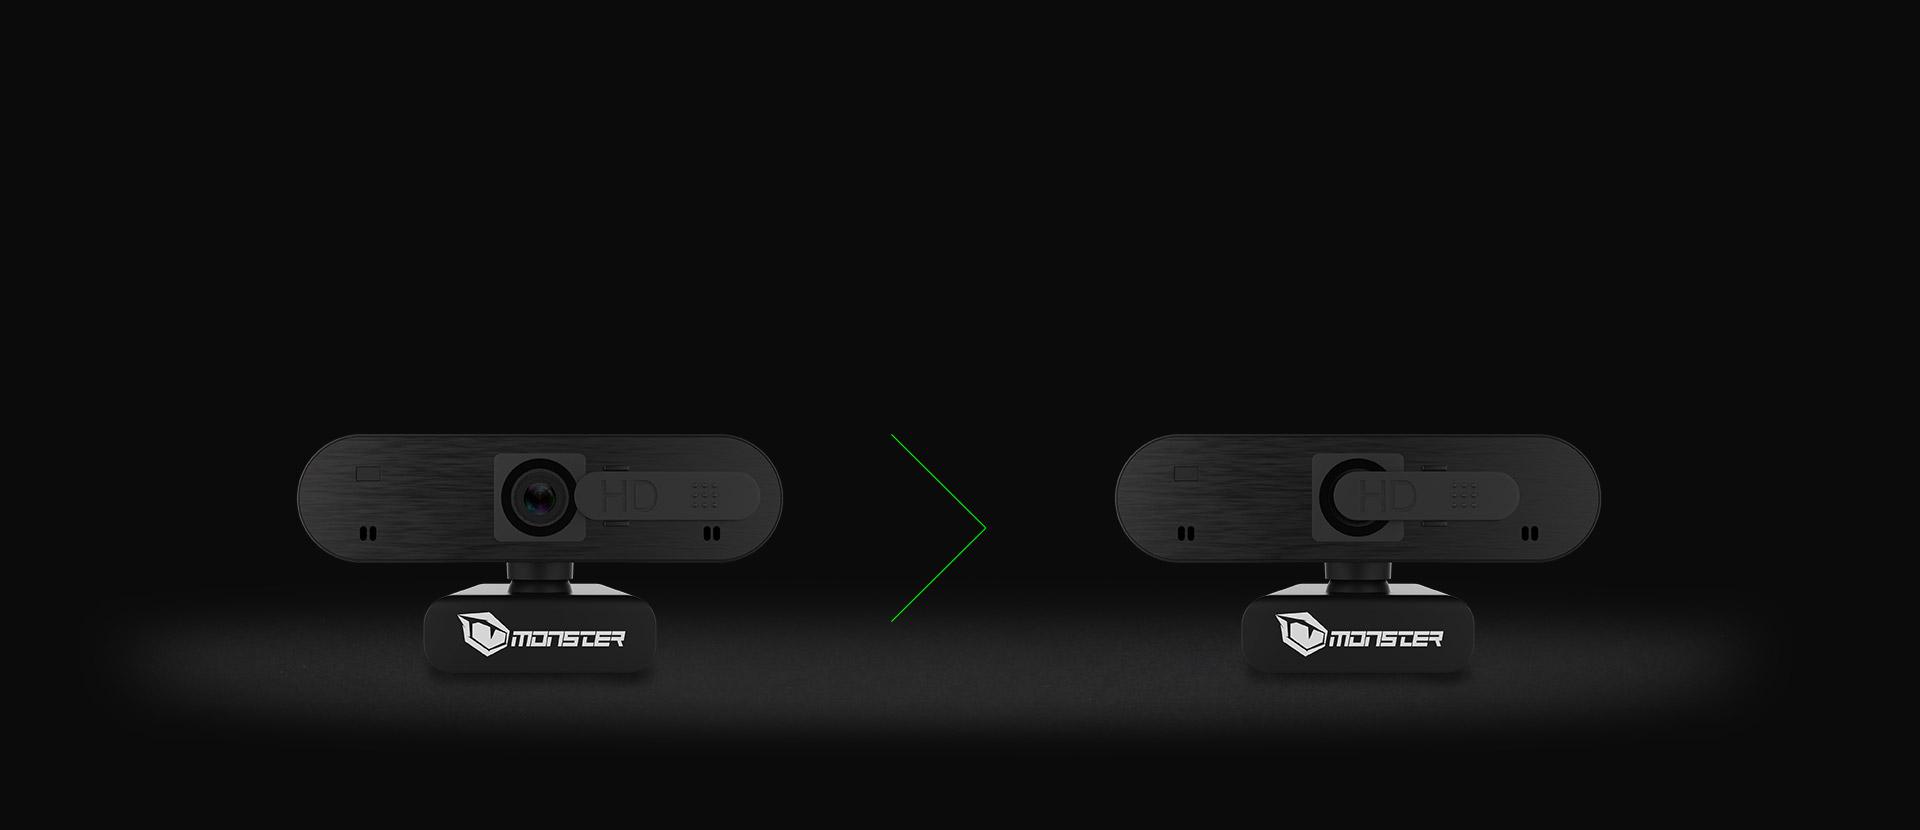 Monster Notebook Pusat Webcam